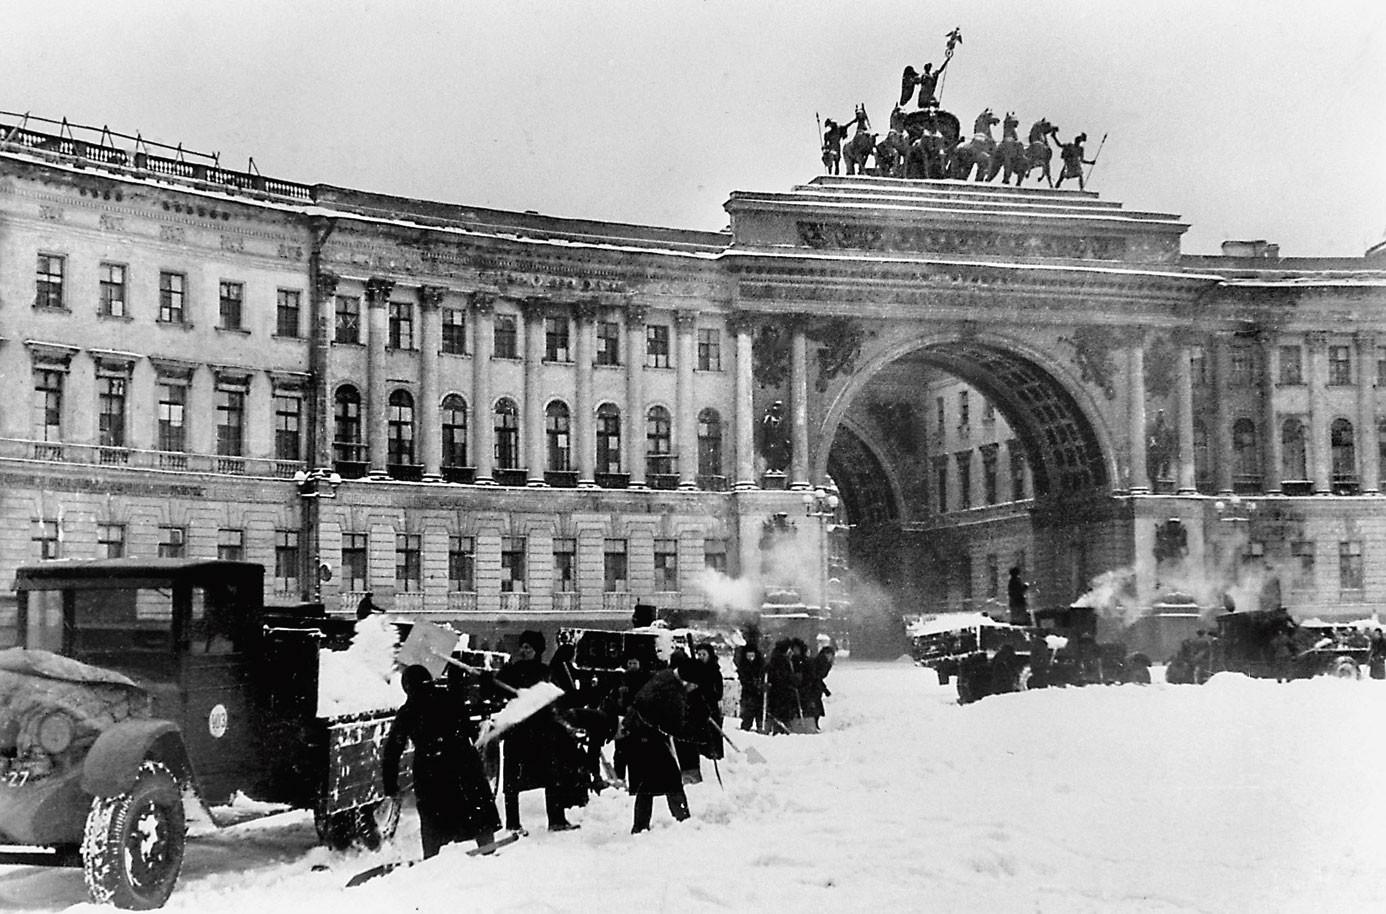 В Великобритании планируют снять документальный фильм о блокаде Ленинграда